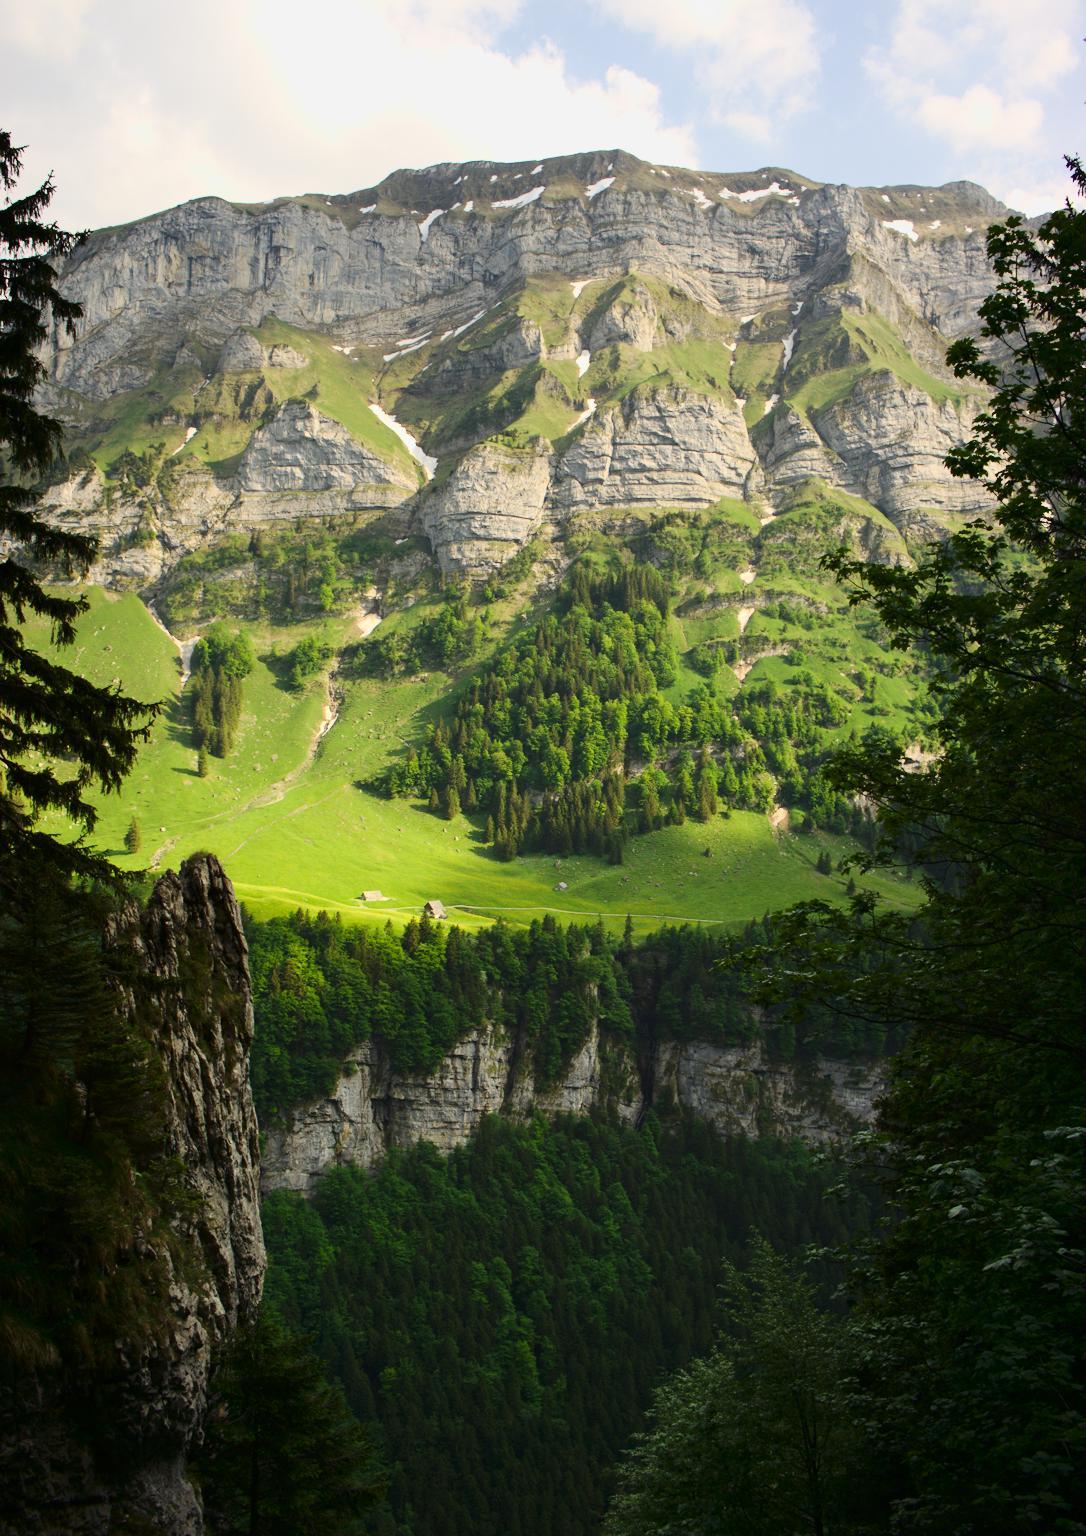 {filename}/img/appenzell-ebenalp-4.jpg